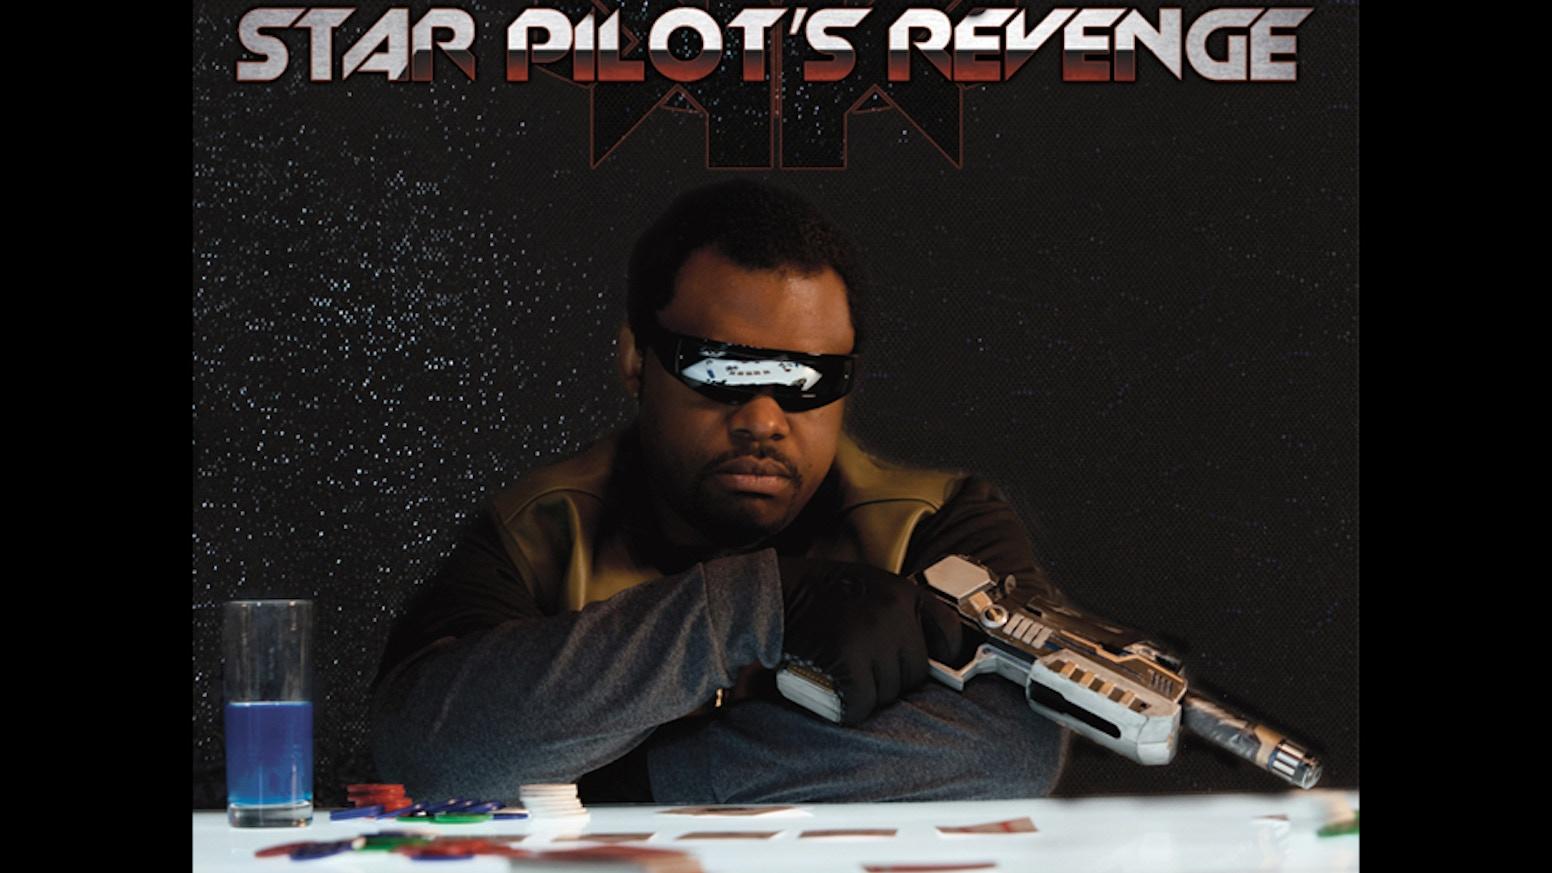 Star Pilot S Revenge By Kielen King Kickstarter